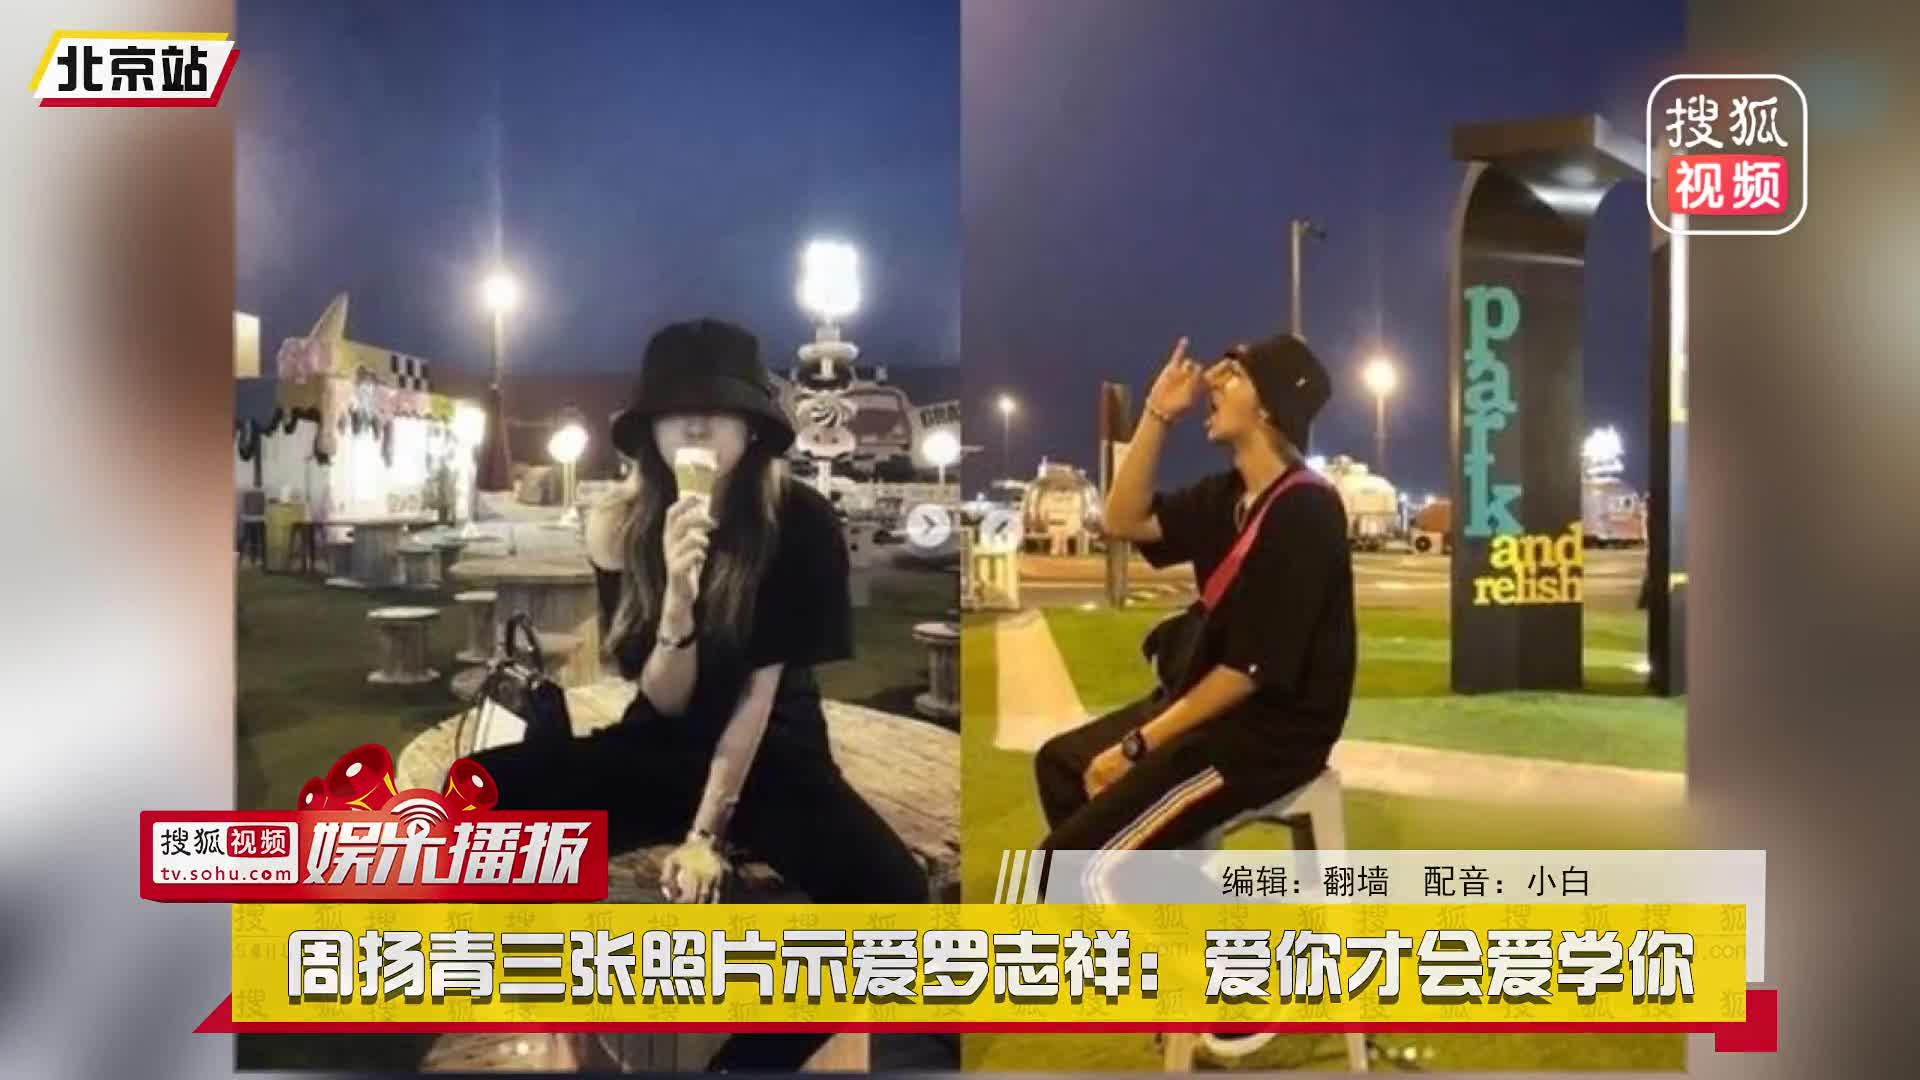 [视频]周扬青三张照片示爱罗志祥:爱你才会爱学你